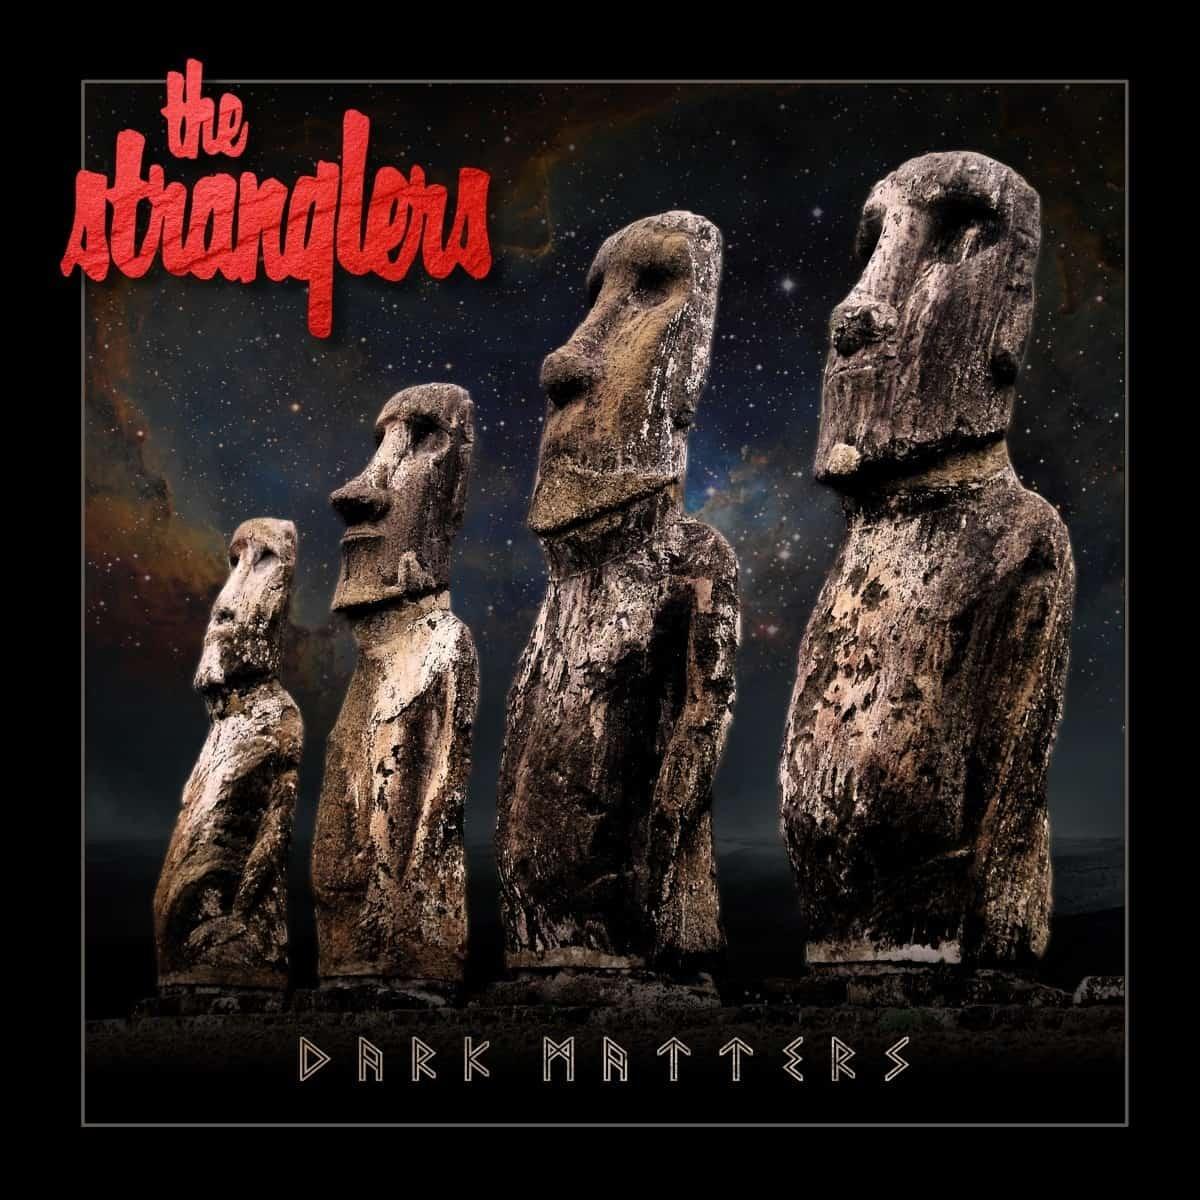 Buy Online Stranglers - Dark Matters Deluxe Digital Album (Includes 4 Exclusive Bonus Tracks)